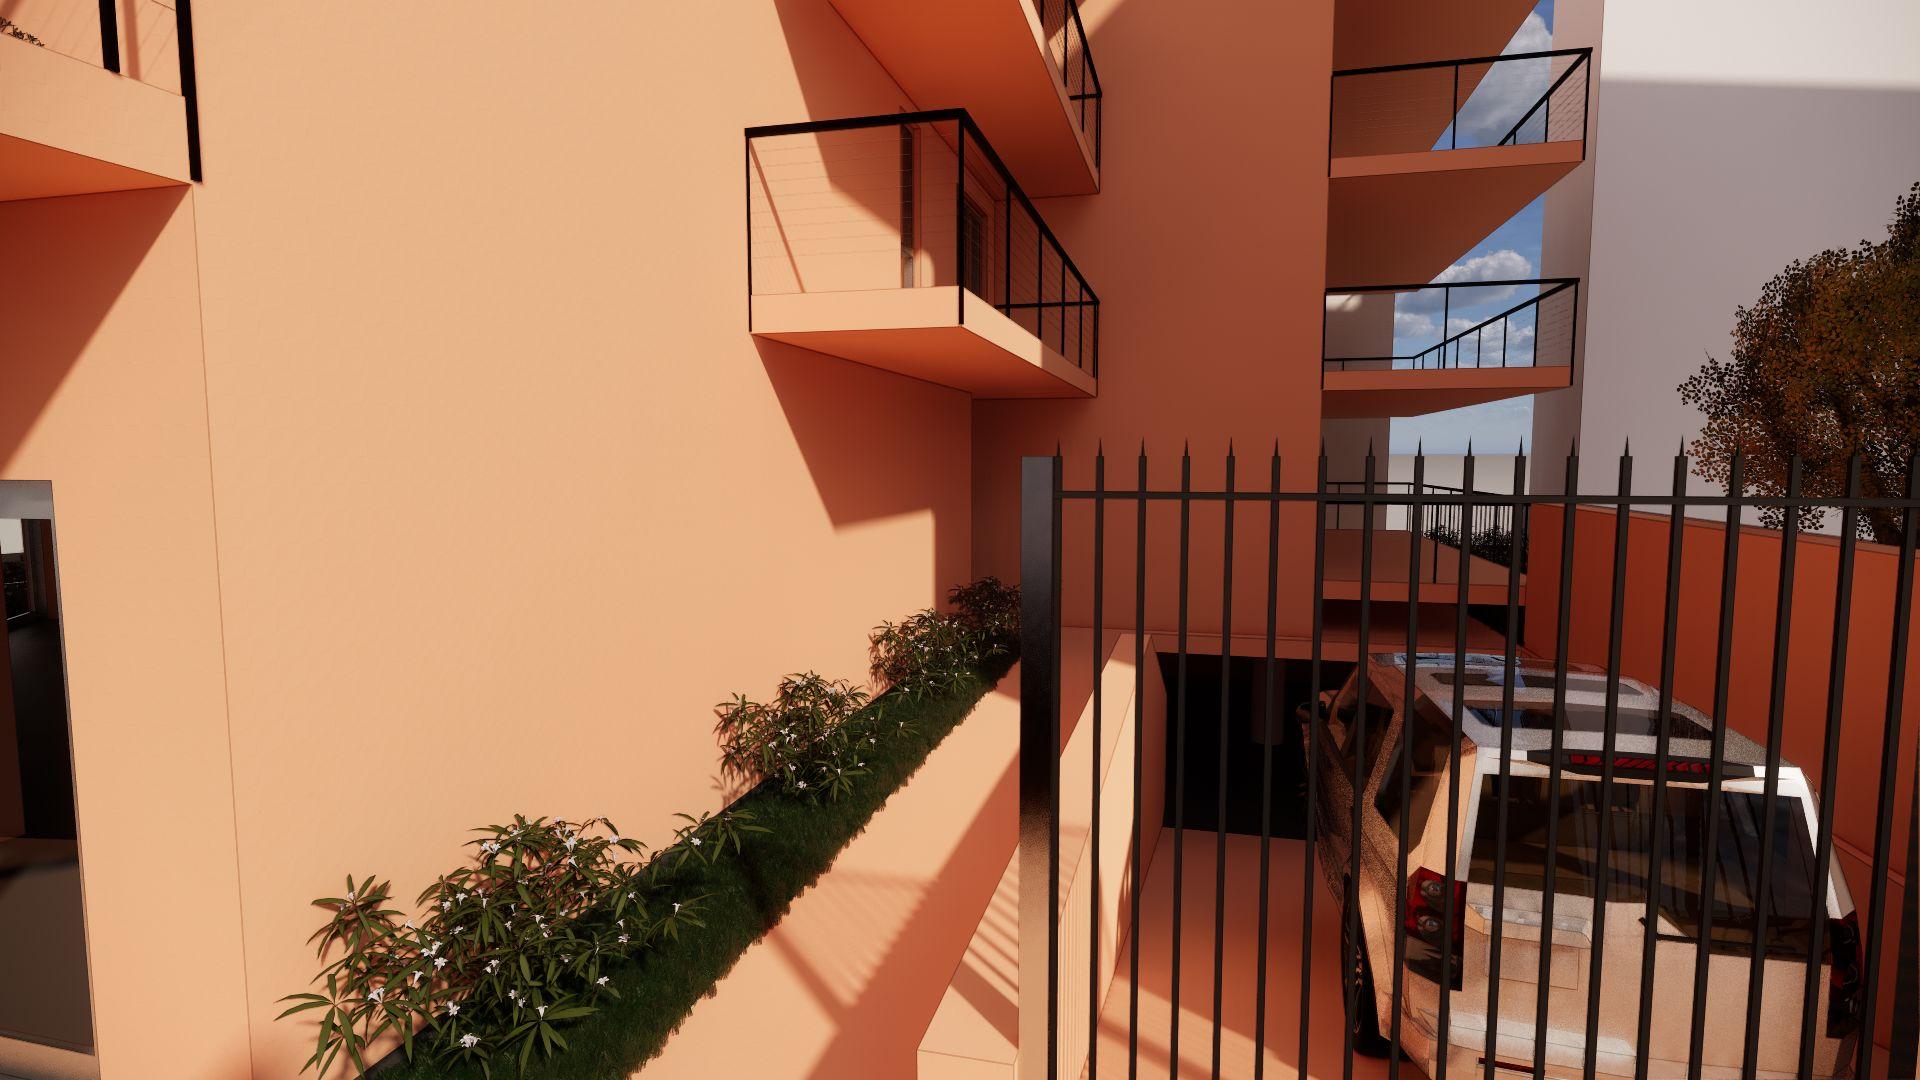 Enscape-2020-01-15-12-36-11-3500-3500